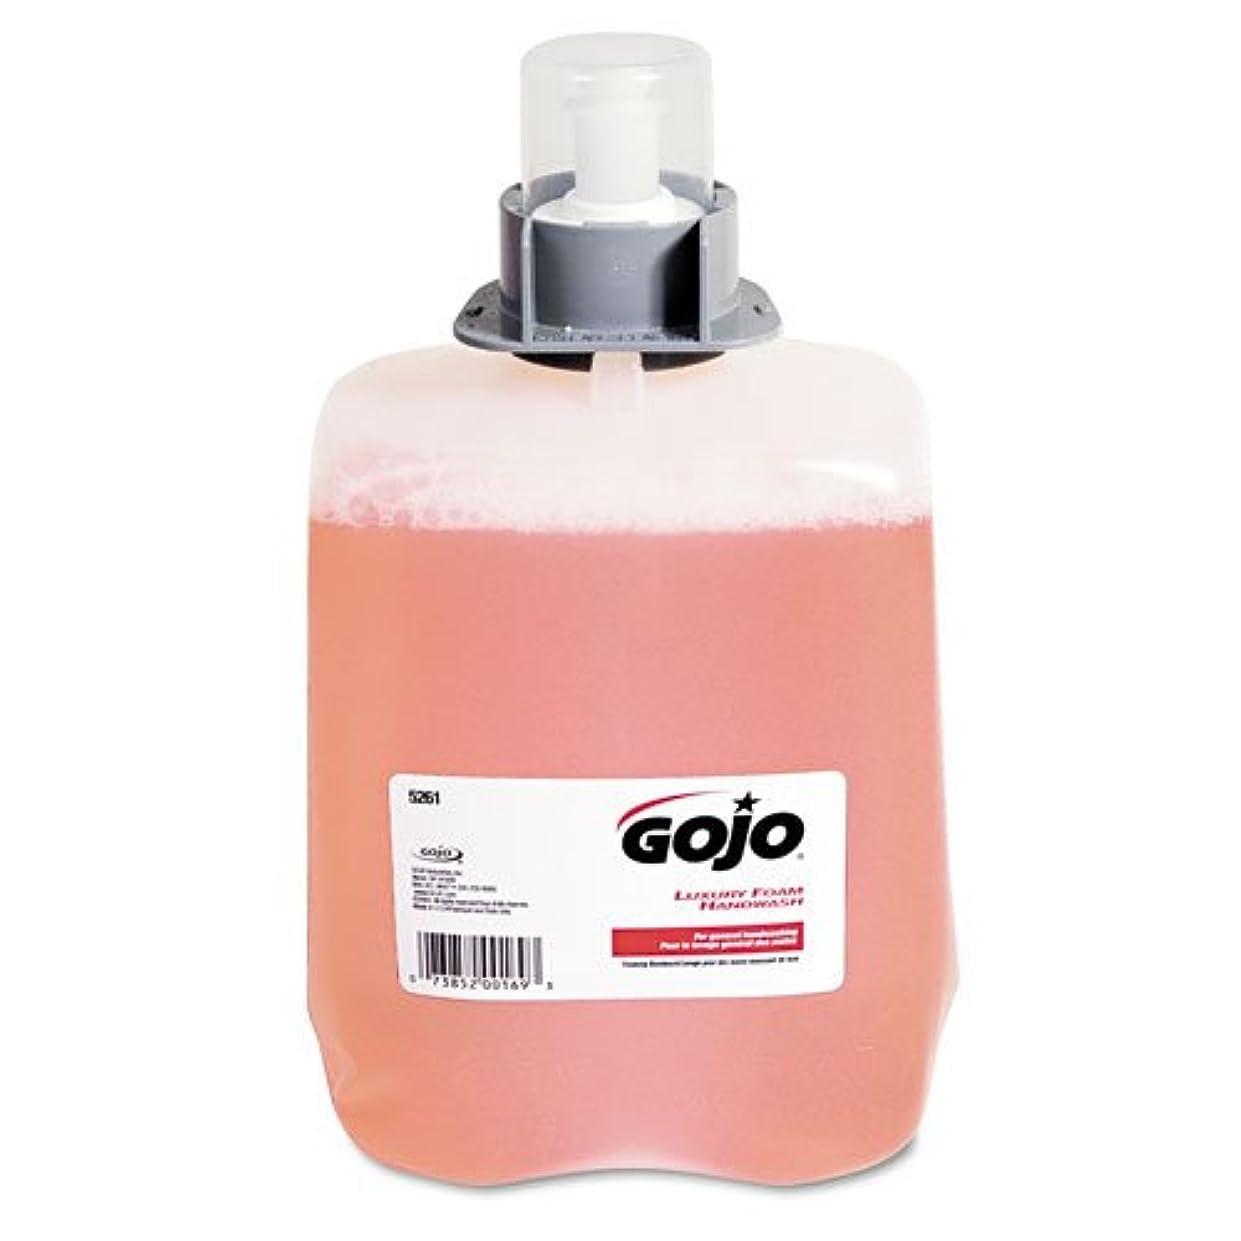 神学校模索憤るGOJO ®ラグジュアリーFoam Hand Wash Refill for fmx-20ディスペンサー、クランベリー香り、2 / Ctn